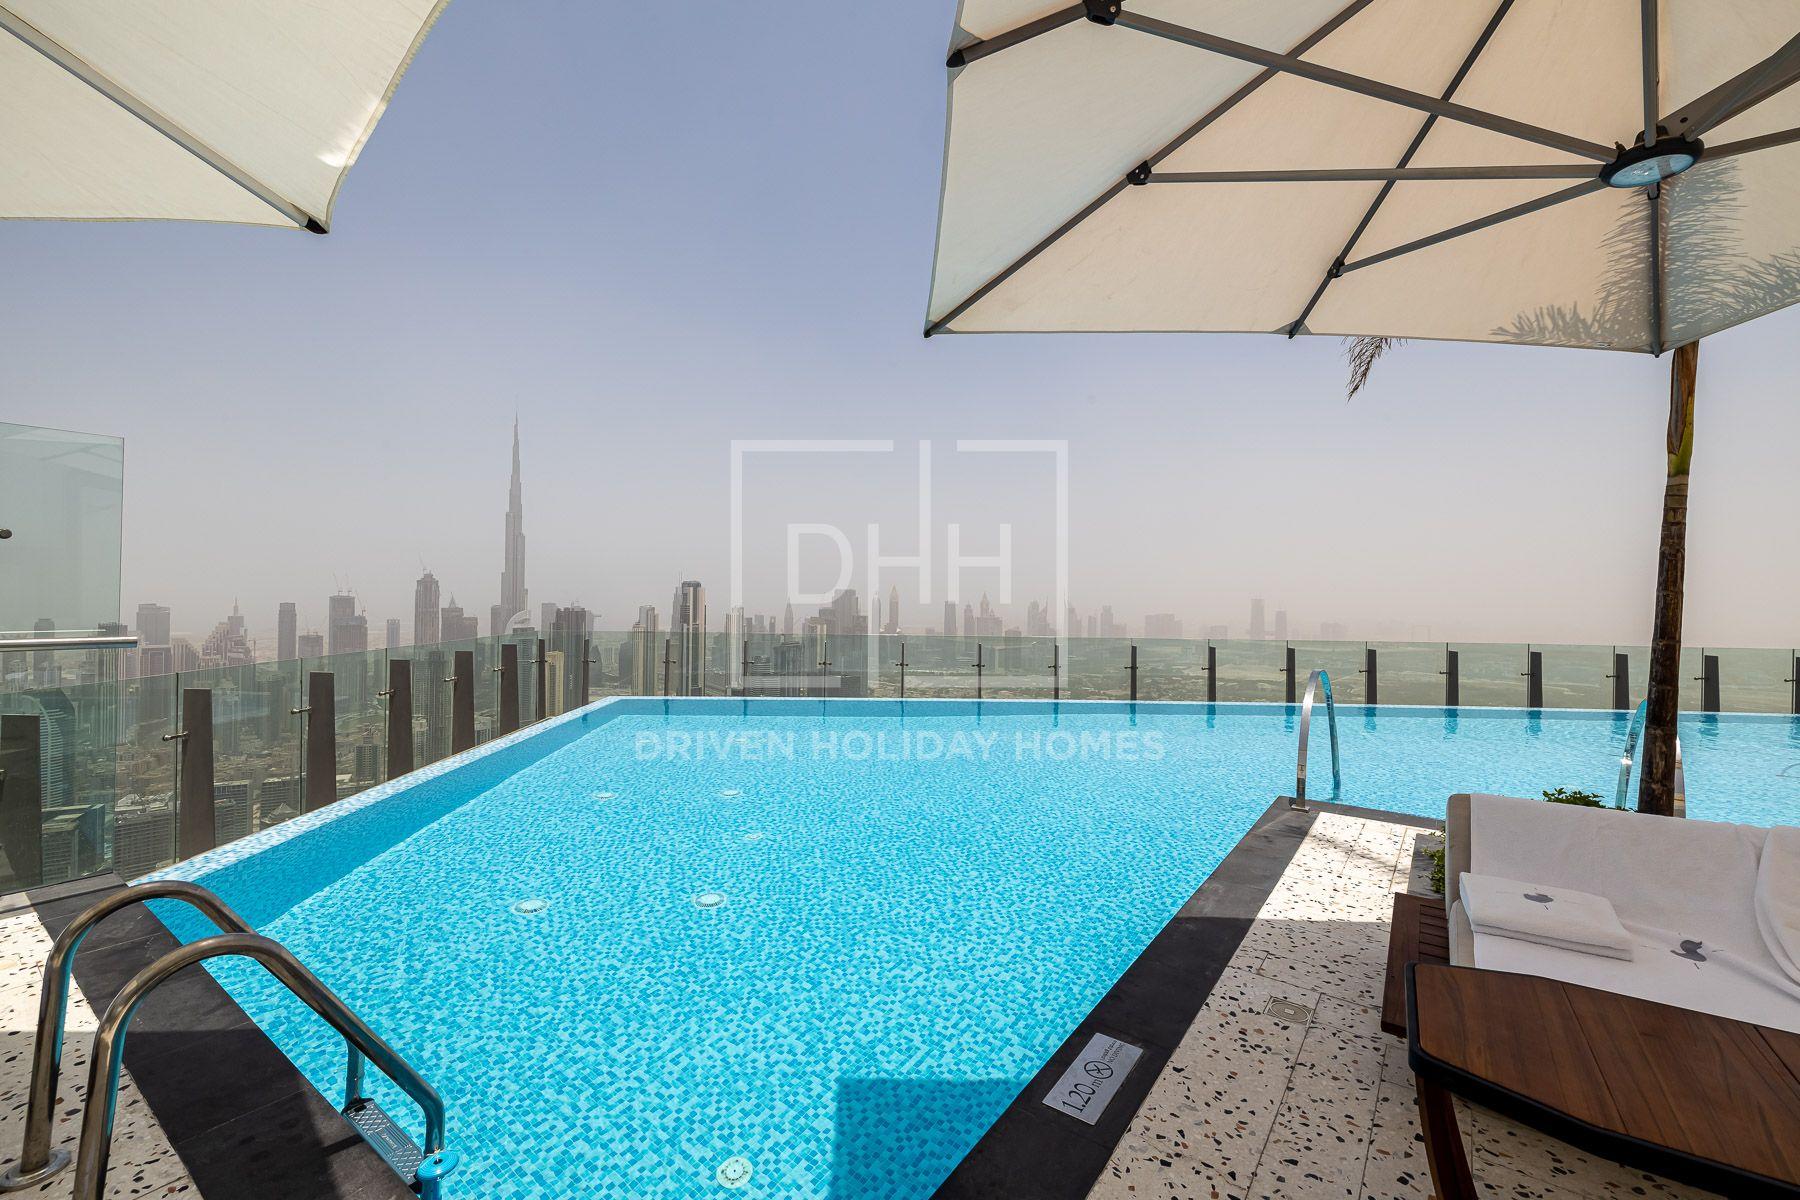 للايجار - ستوديو - SLS Dubai Hotel & Residences - الخليج التجاري